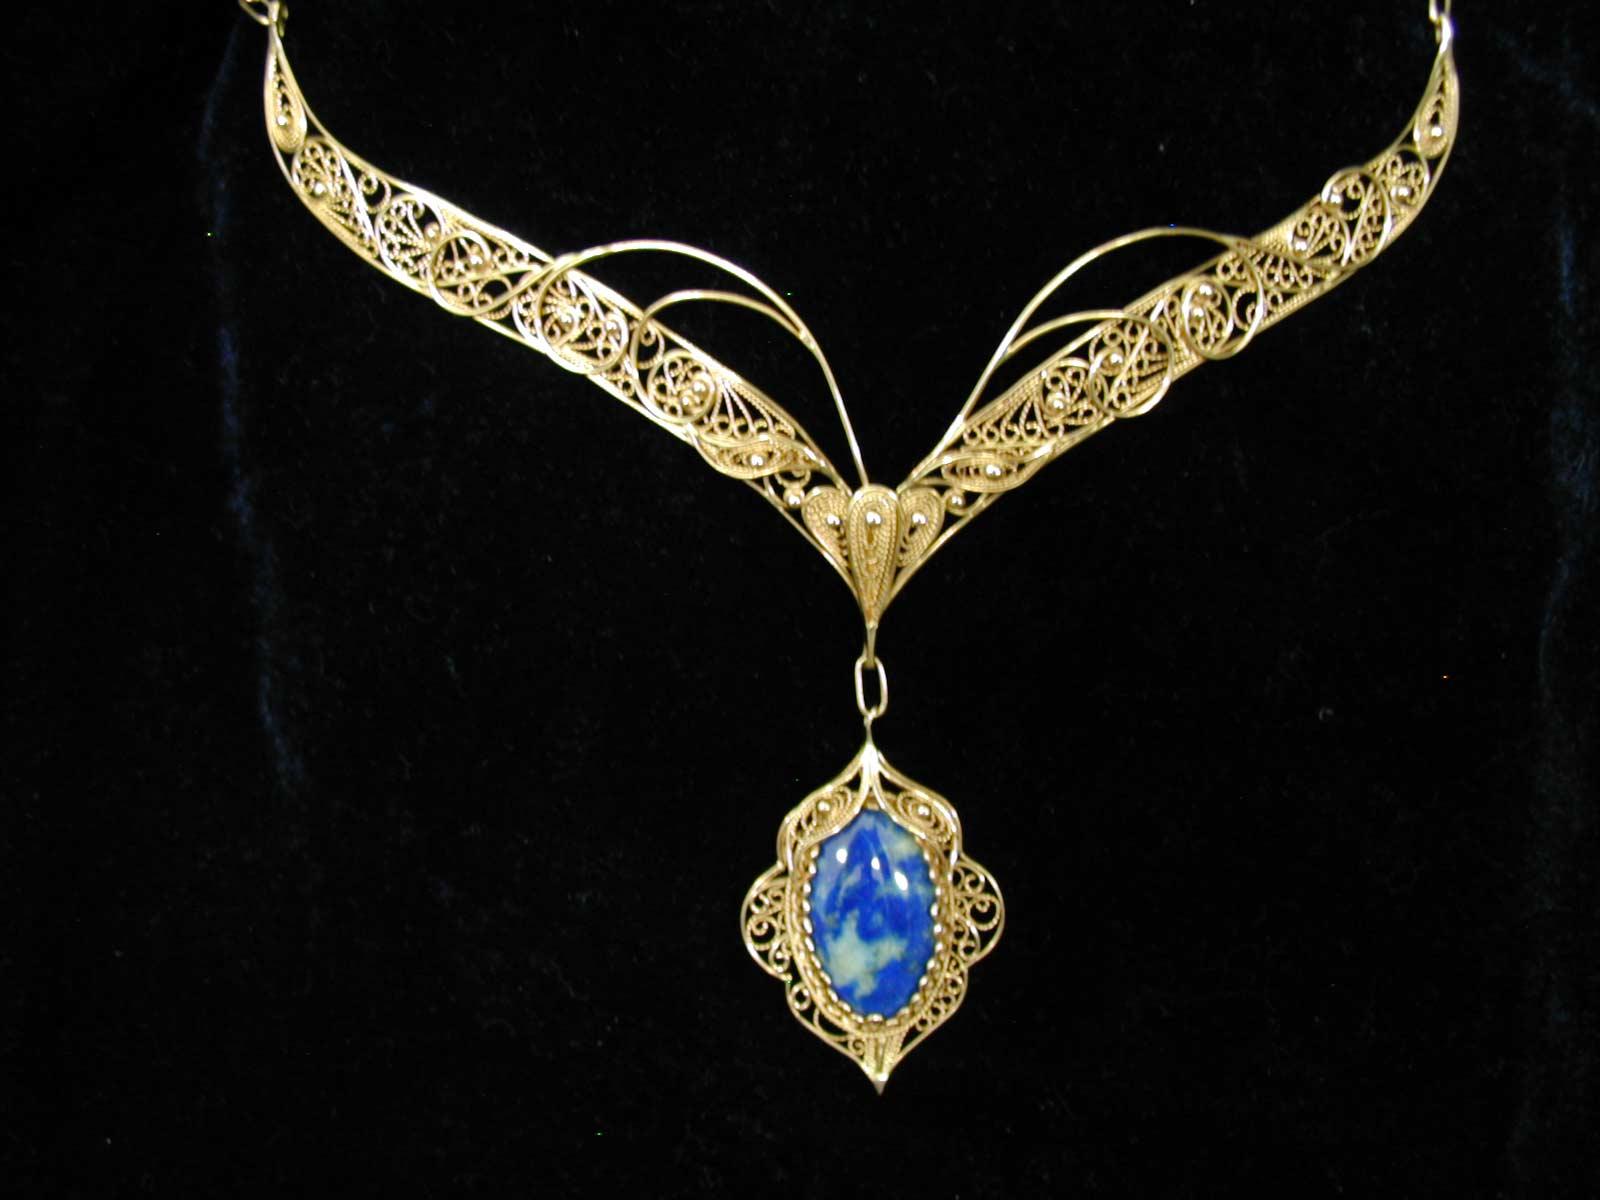 Кулоны,ожерелья,кольца,браслеты.  Все это аксессуары Подробнее.